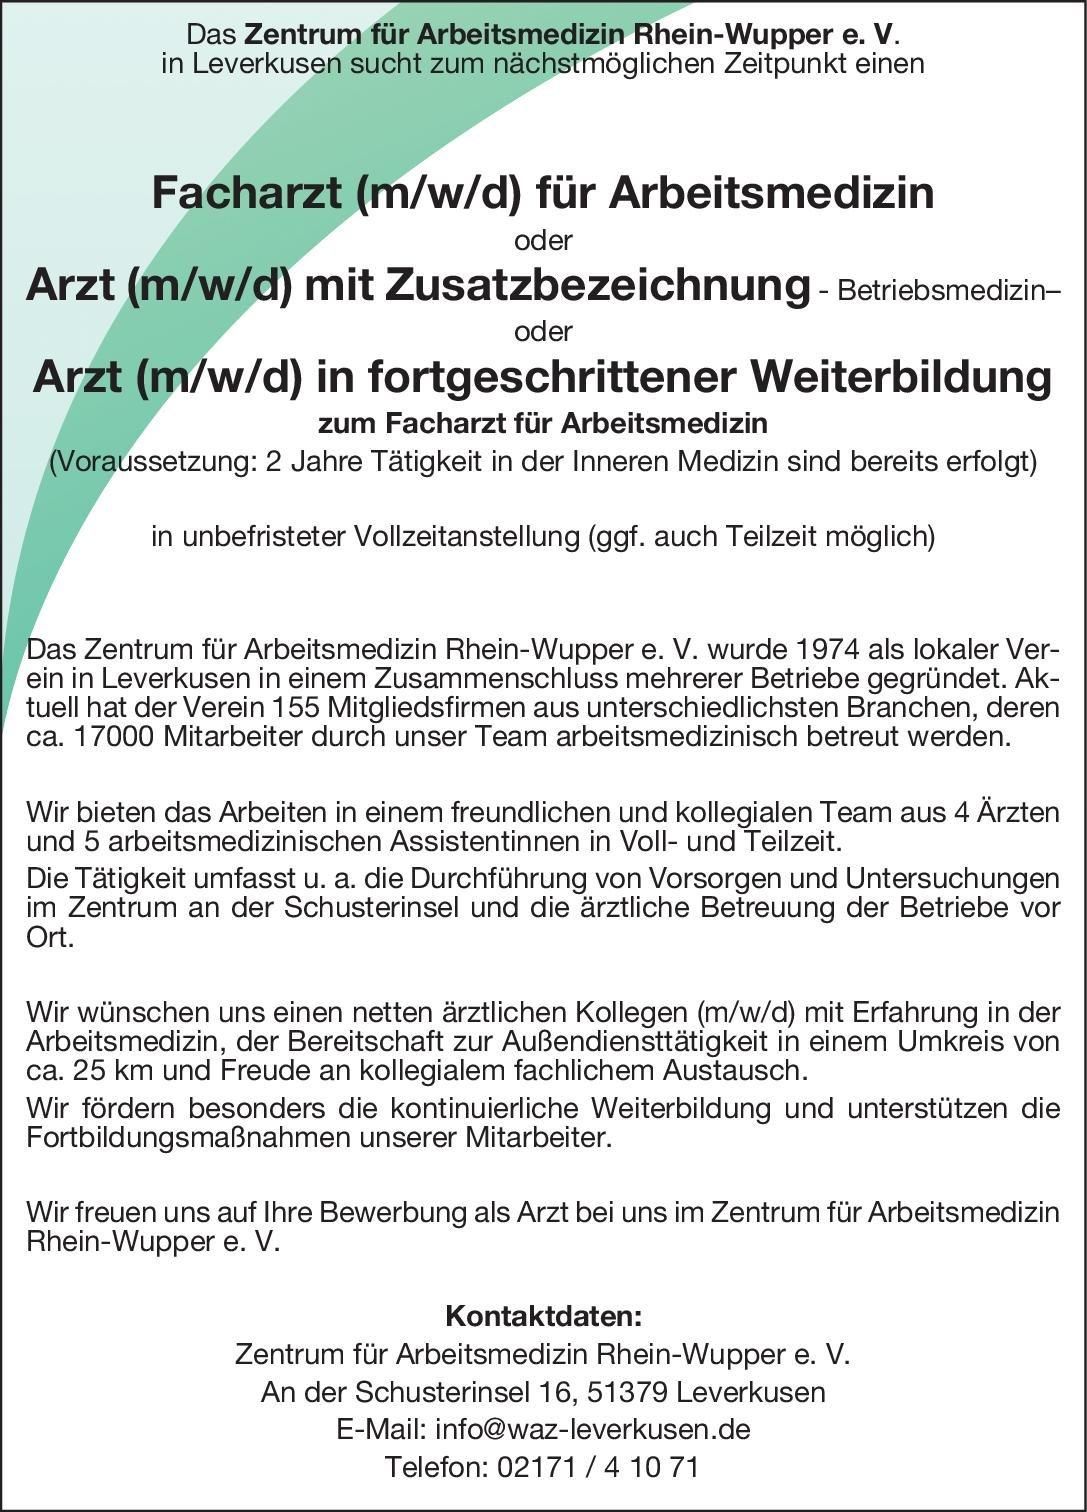 Zentrum für Arbeitsmedizin Rhein-Wupper e. V. Facharzt (m/w/d) für Arbeitsmedizin oder Arzt (m/w/d) mit Zusatzbezeichnung - Betriebsmedizin –oder Arzt (m/w/d) in fortgeschrittener Weiterbildung zum Facharzt für Arbeitsmedizin Arbeitsmedizin Arzt / Facharzt, Assistenzarzt / Arzt in Weiterbildung